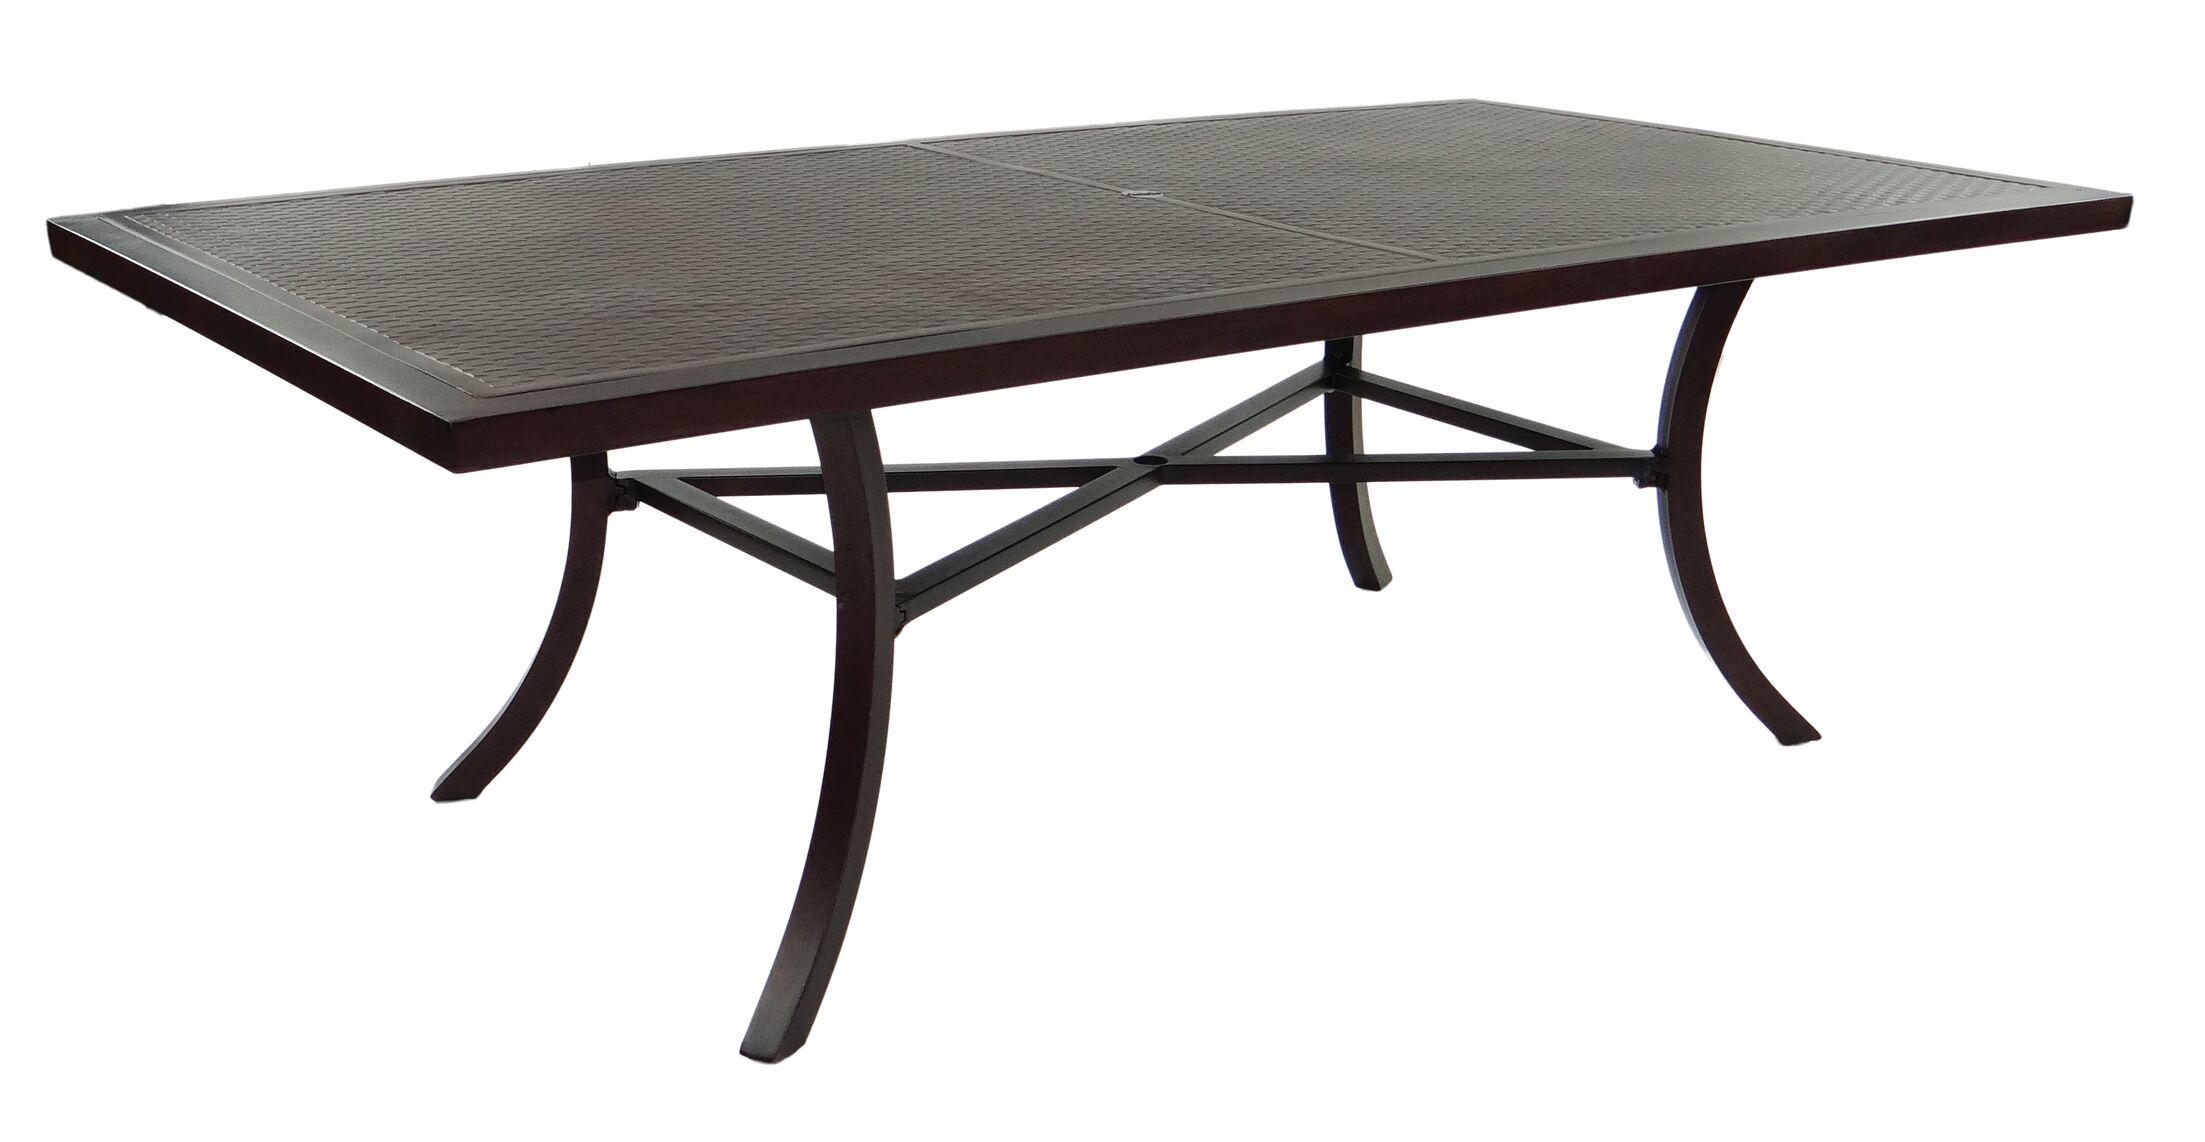 Tarvin Classical Aluminum Dining Table Finish: Antique Dark Rum